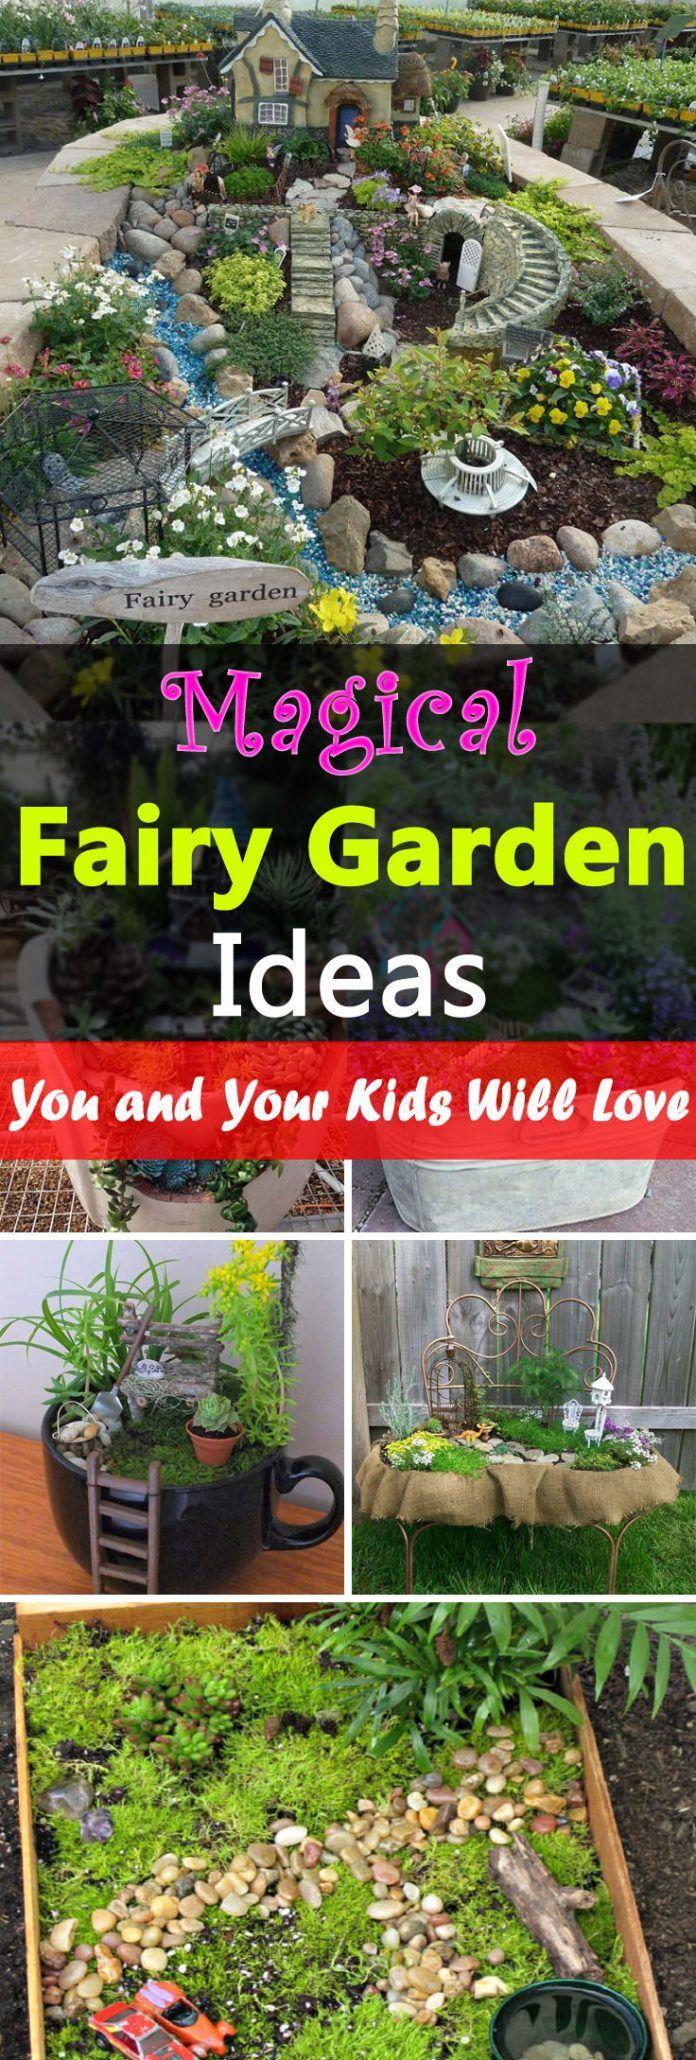 Fairy Garden Ideas Landscaping unsubscribe from lovely garden Magical Fairy Garden Ideas You